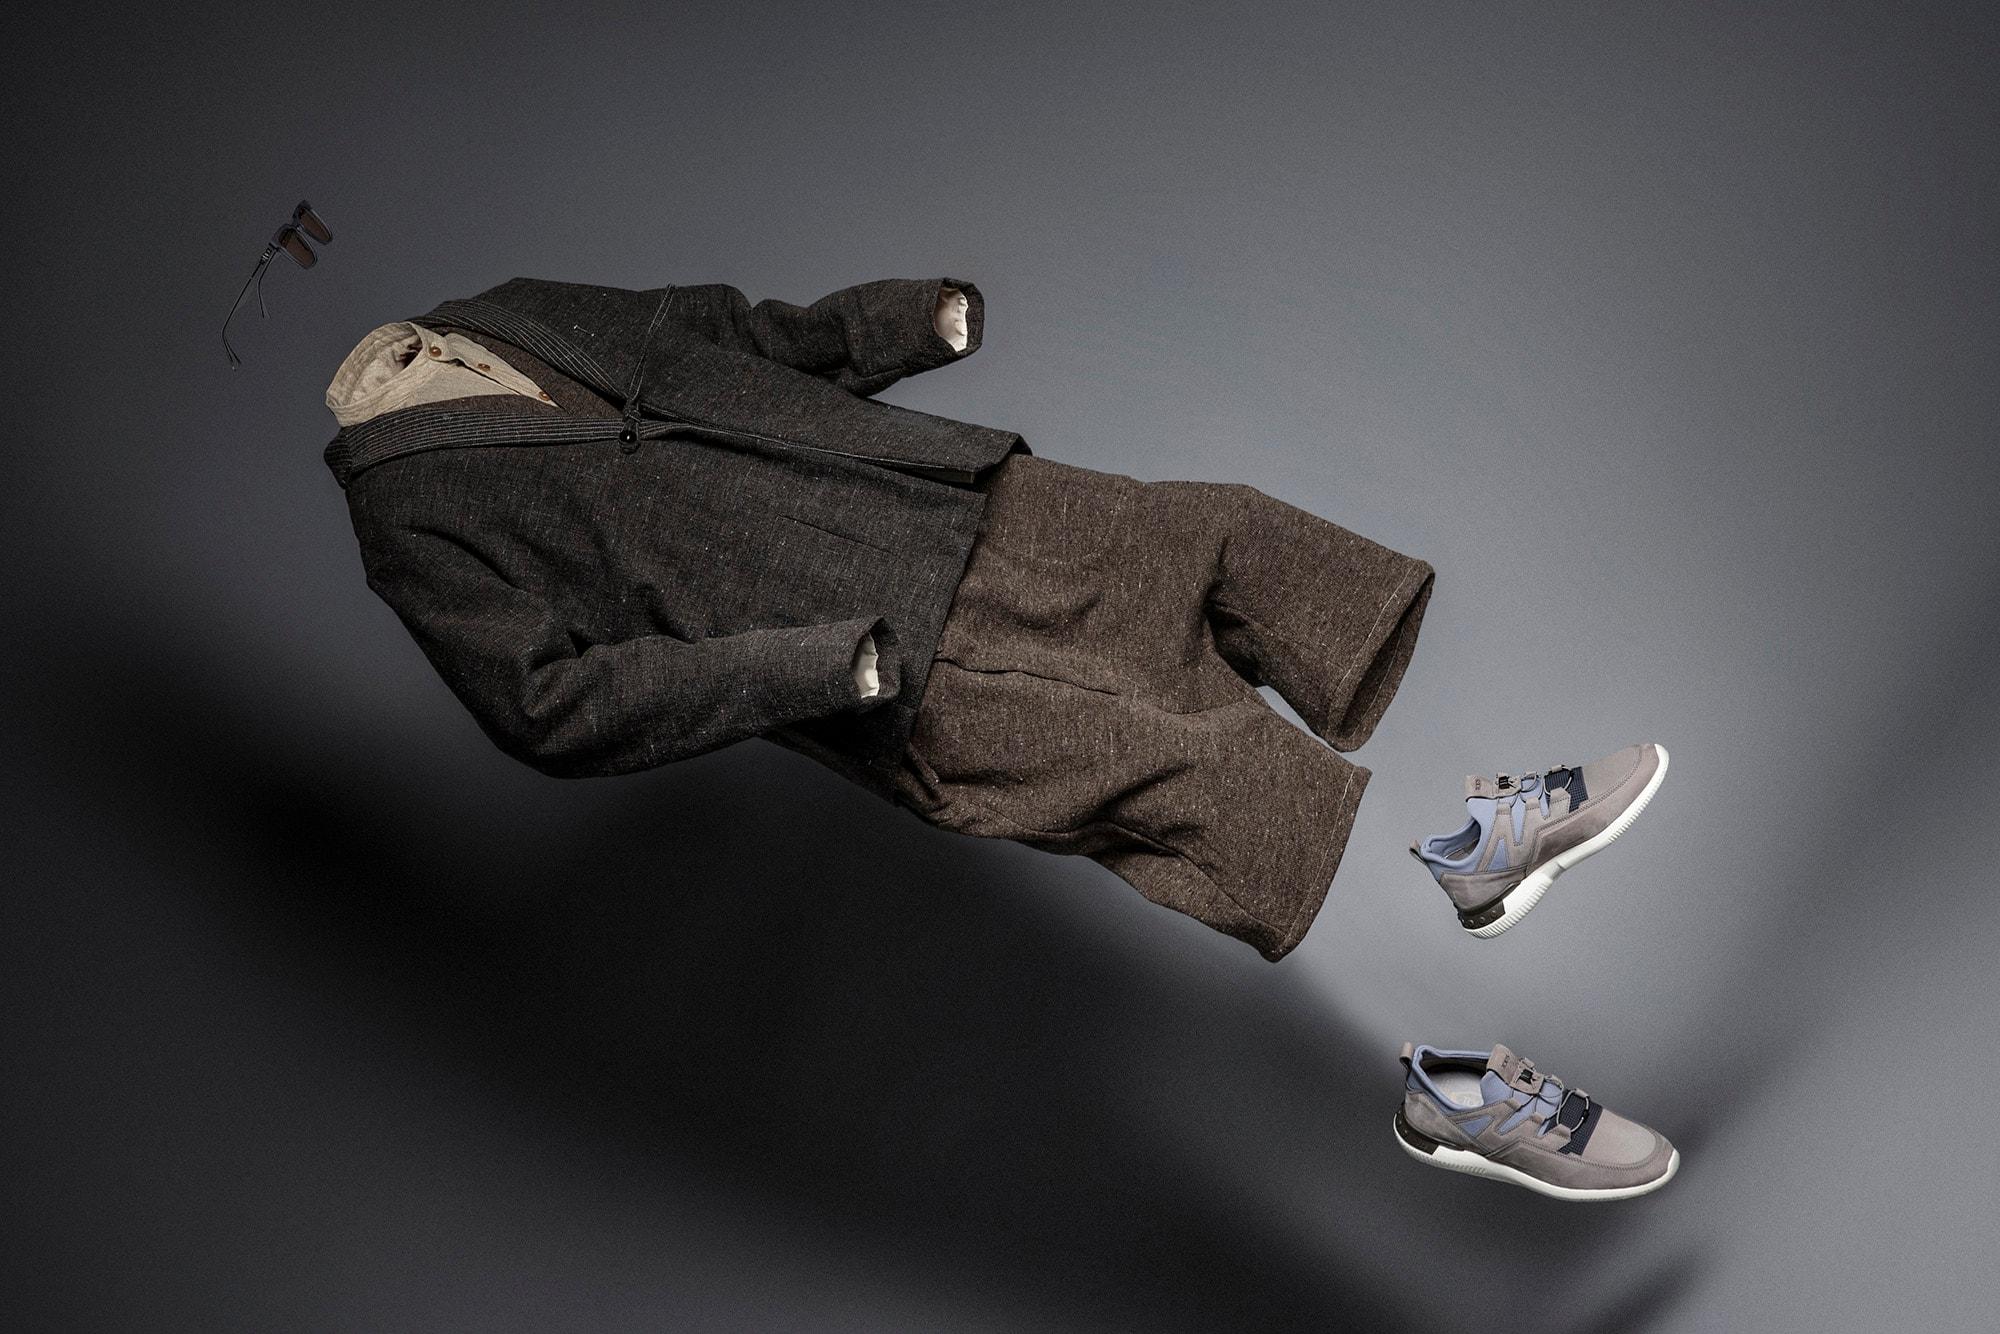 讓人像空氣般飄浮之鞋履 NO_CODE_03